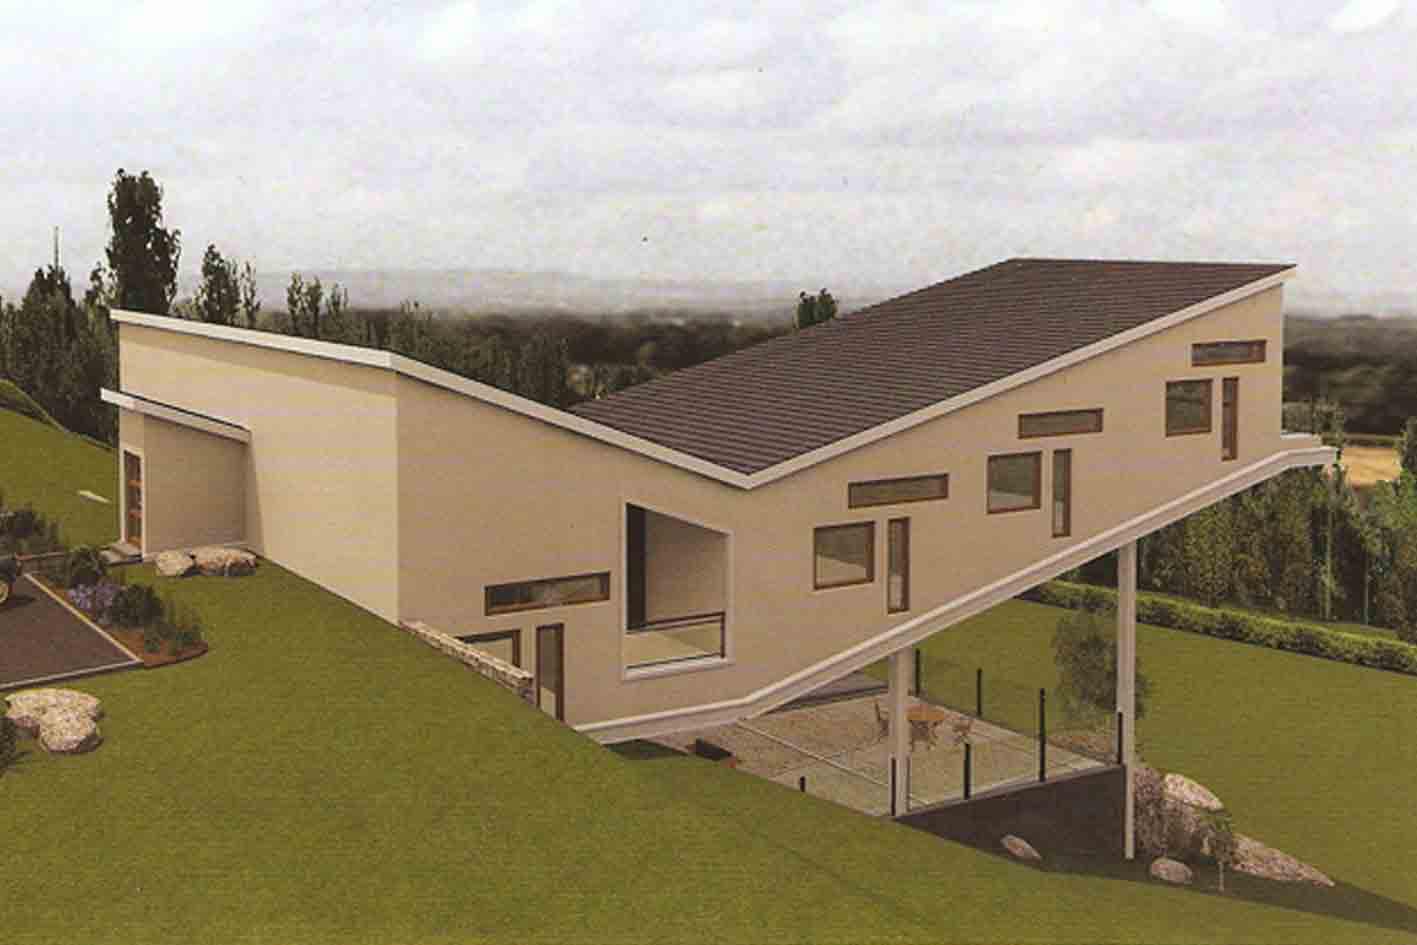 DALKEY IRISH HOUSE